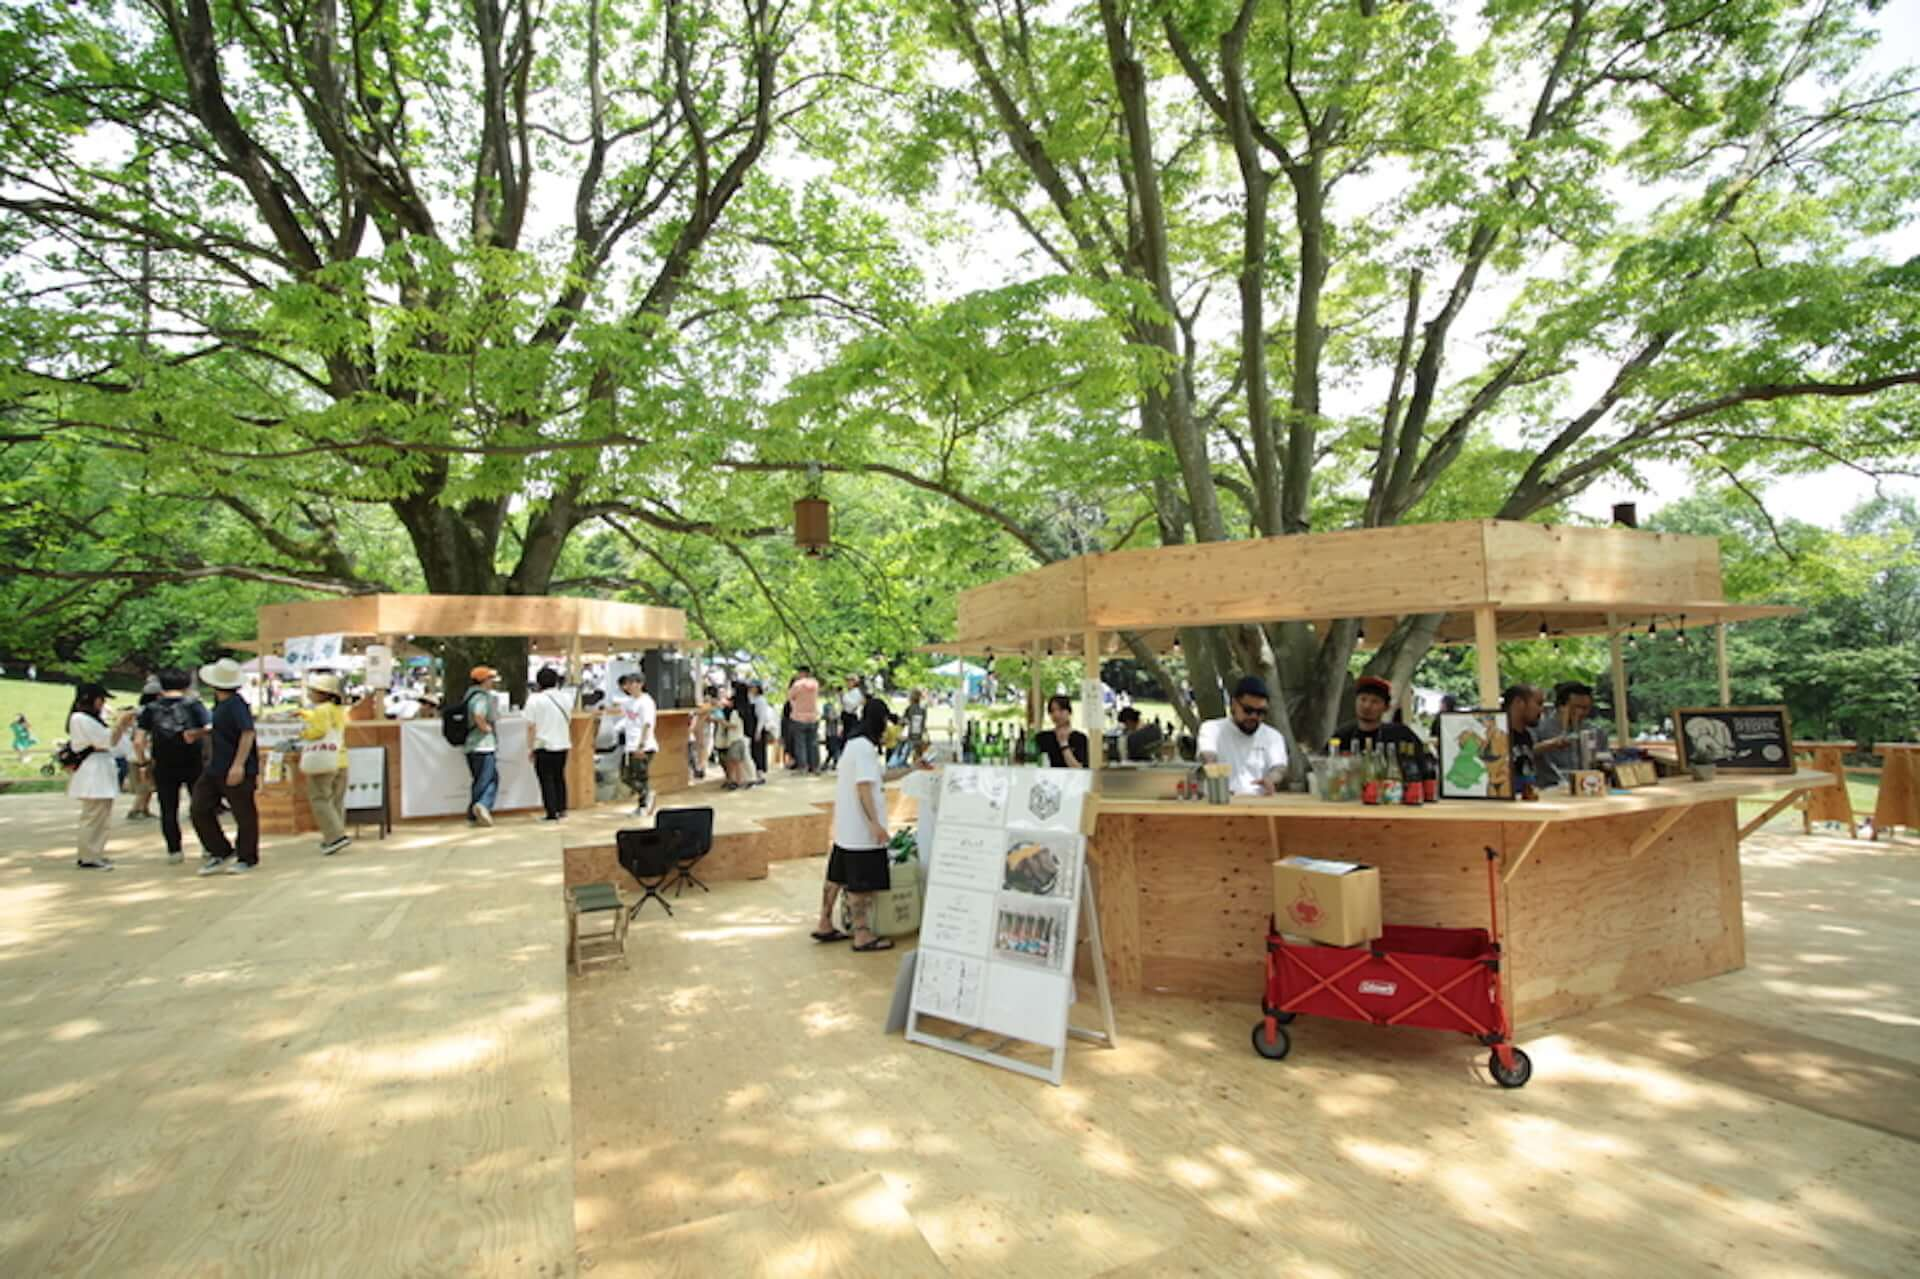 静岡の泊まれる公園「INN THE PARK」が野外ステージ設置クラウドファンディングを実施中!Tシャツや宿泊券などリターン多数 art200717_innthepark_1-1920x1279